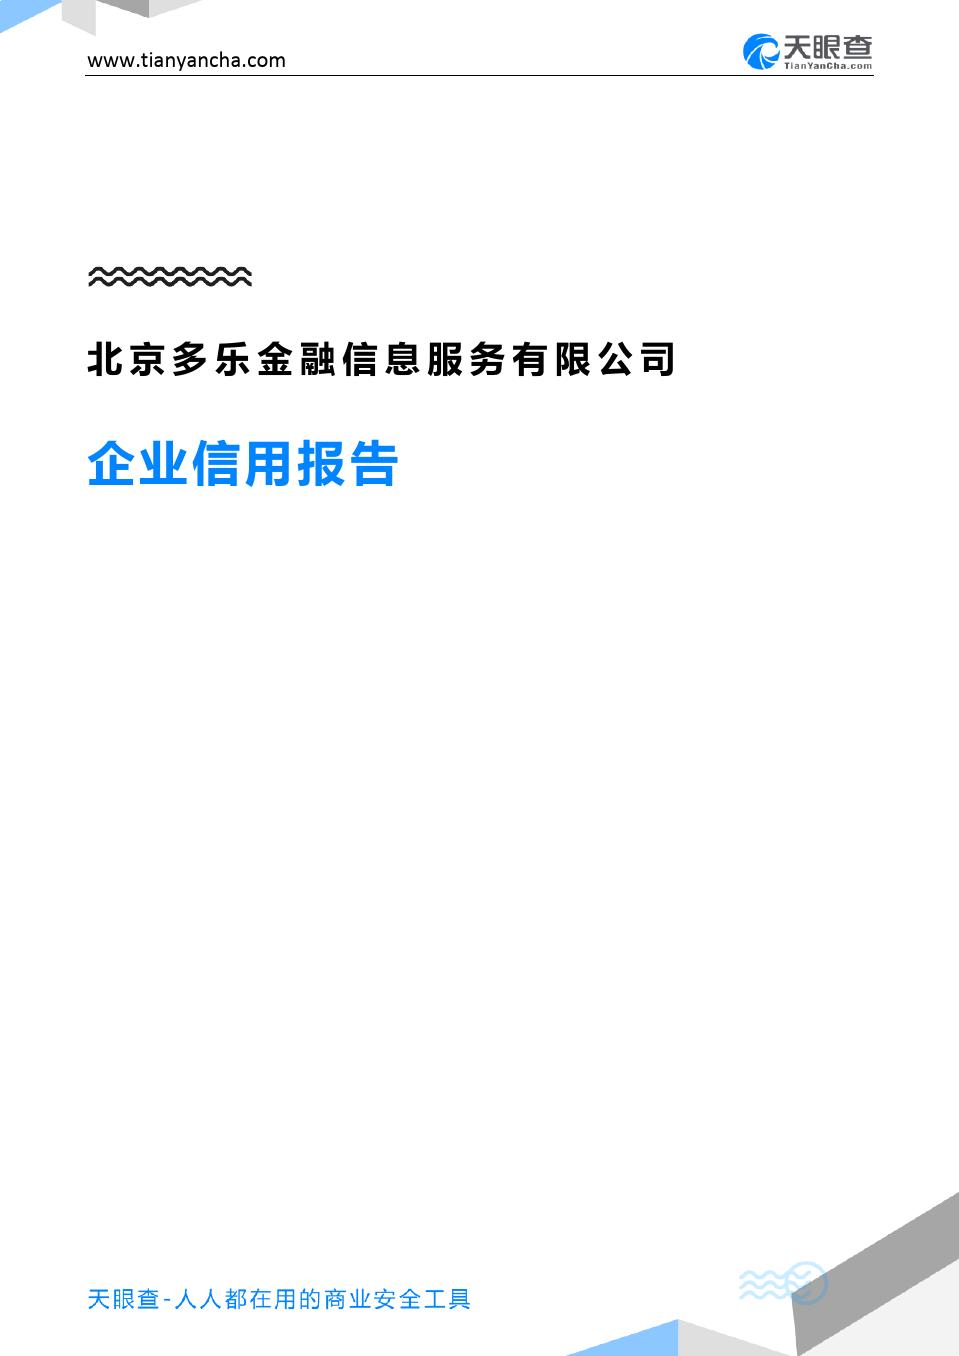 北京多乐金融信息服务有限公司(企业信用报告)- 天眼查